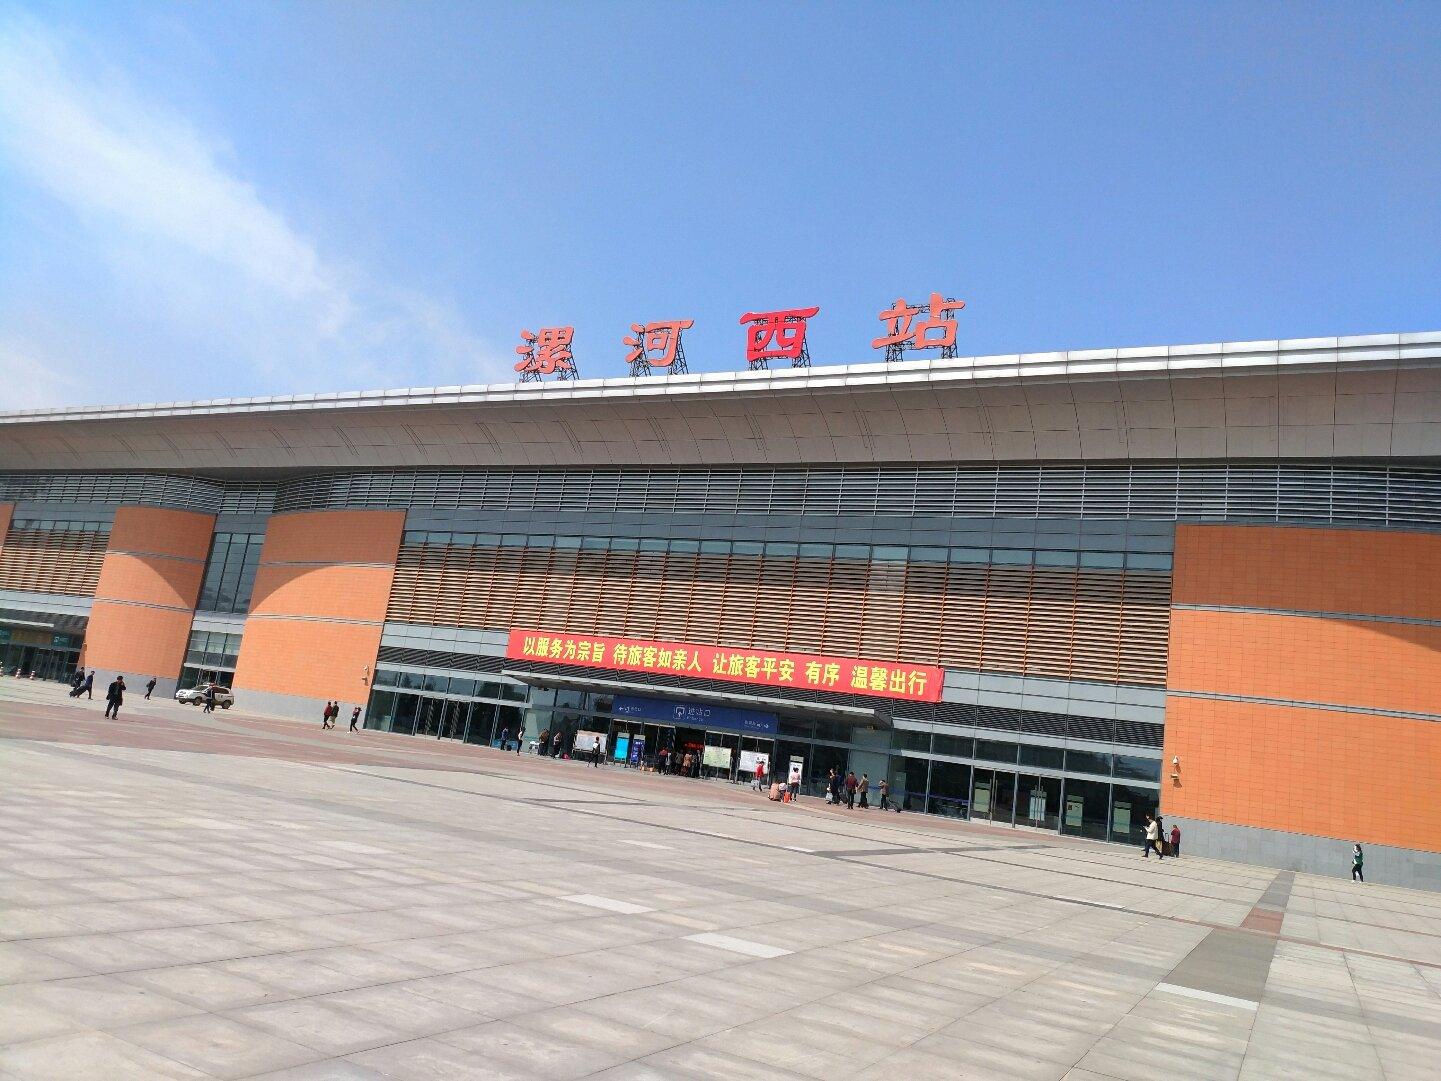 河南省漯河市源汇区阴阳赵镇文轩阁天气预报